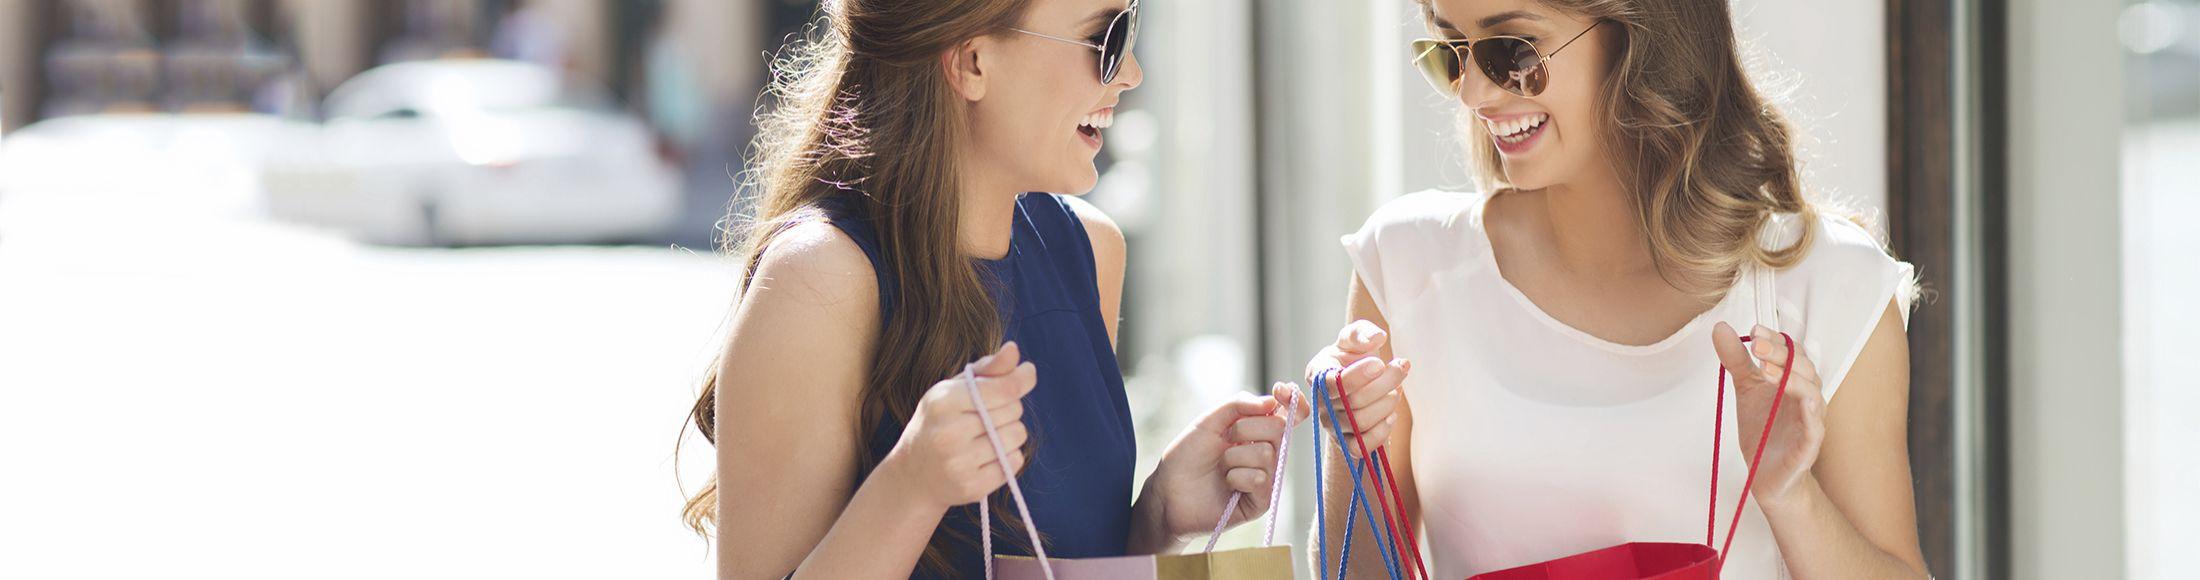 5 Fun Ways to Spend Your Tax Refund